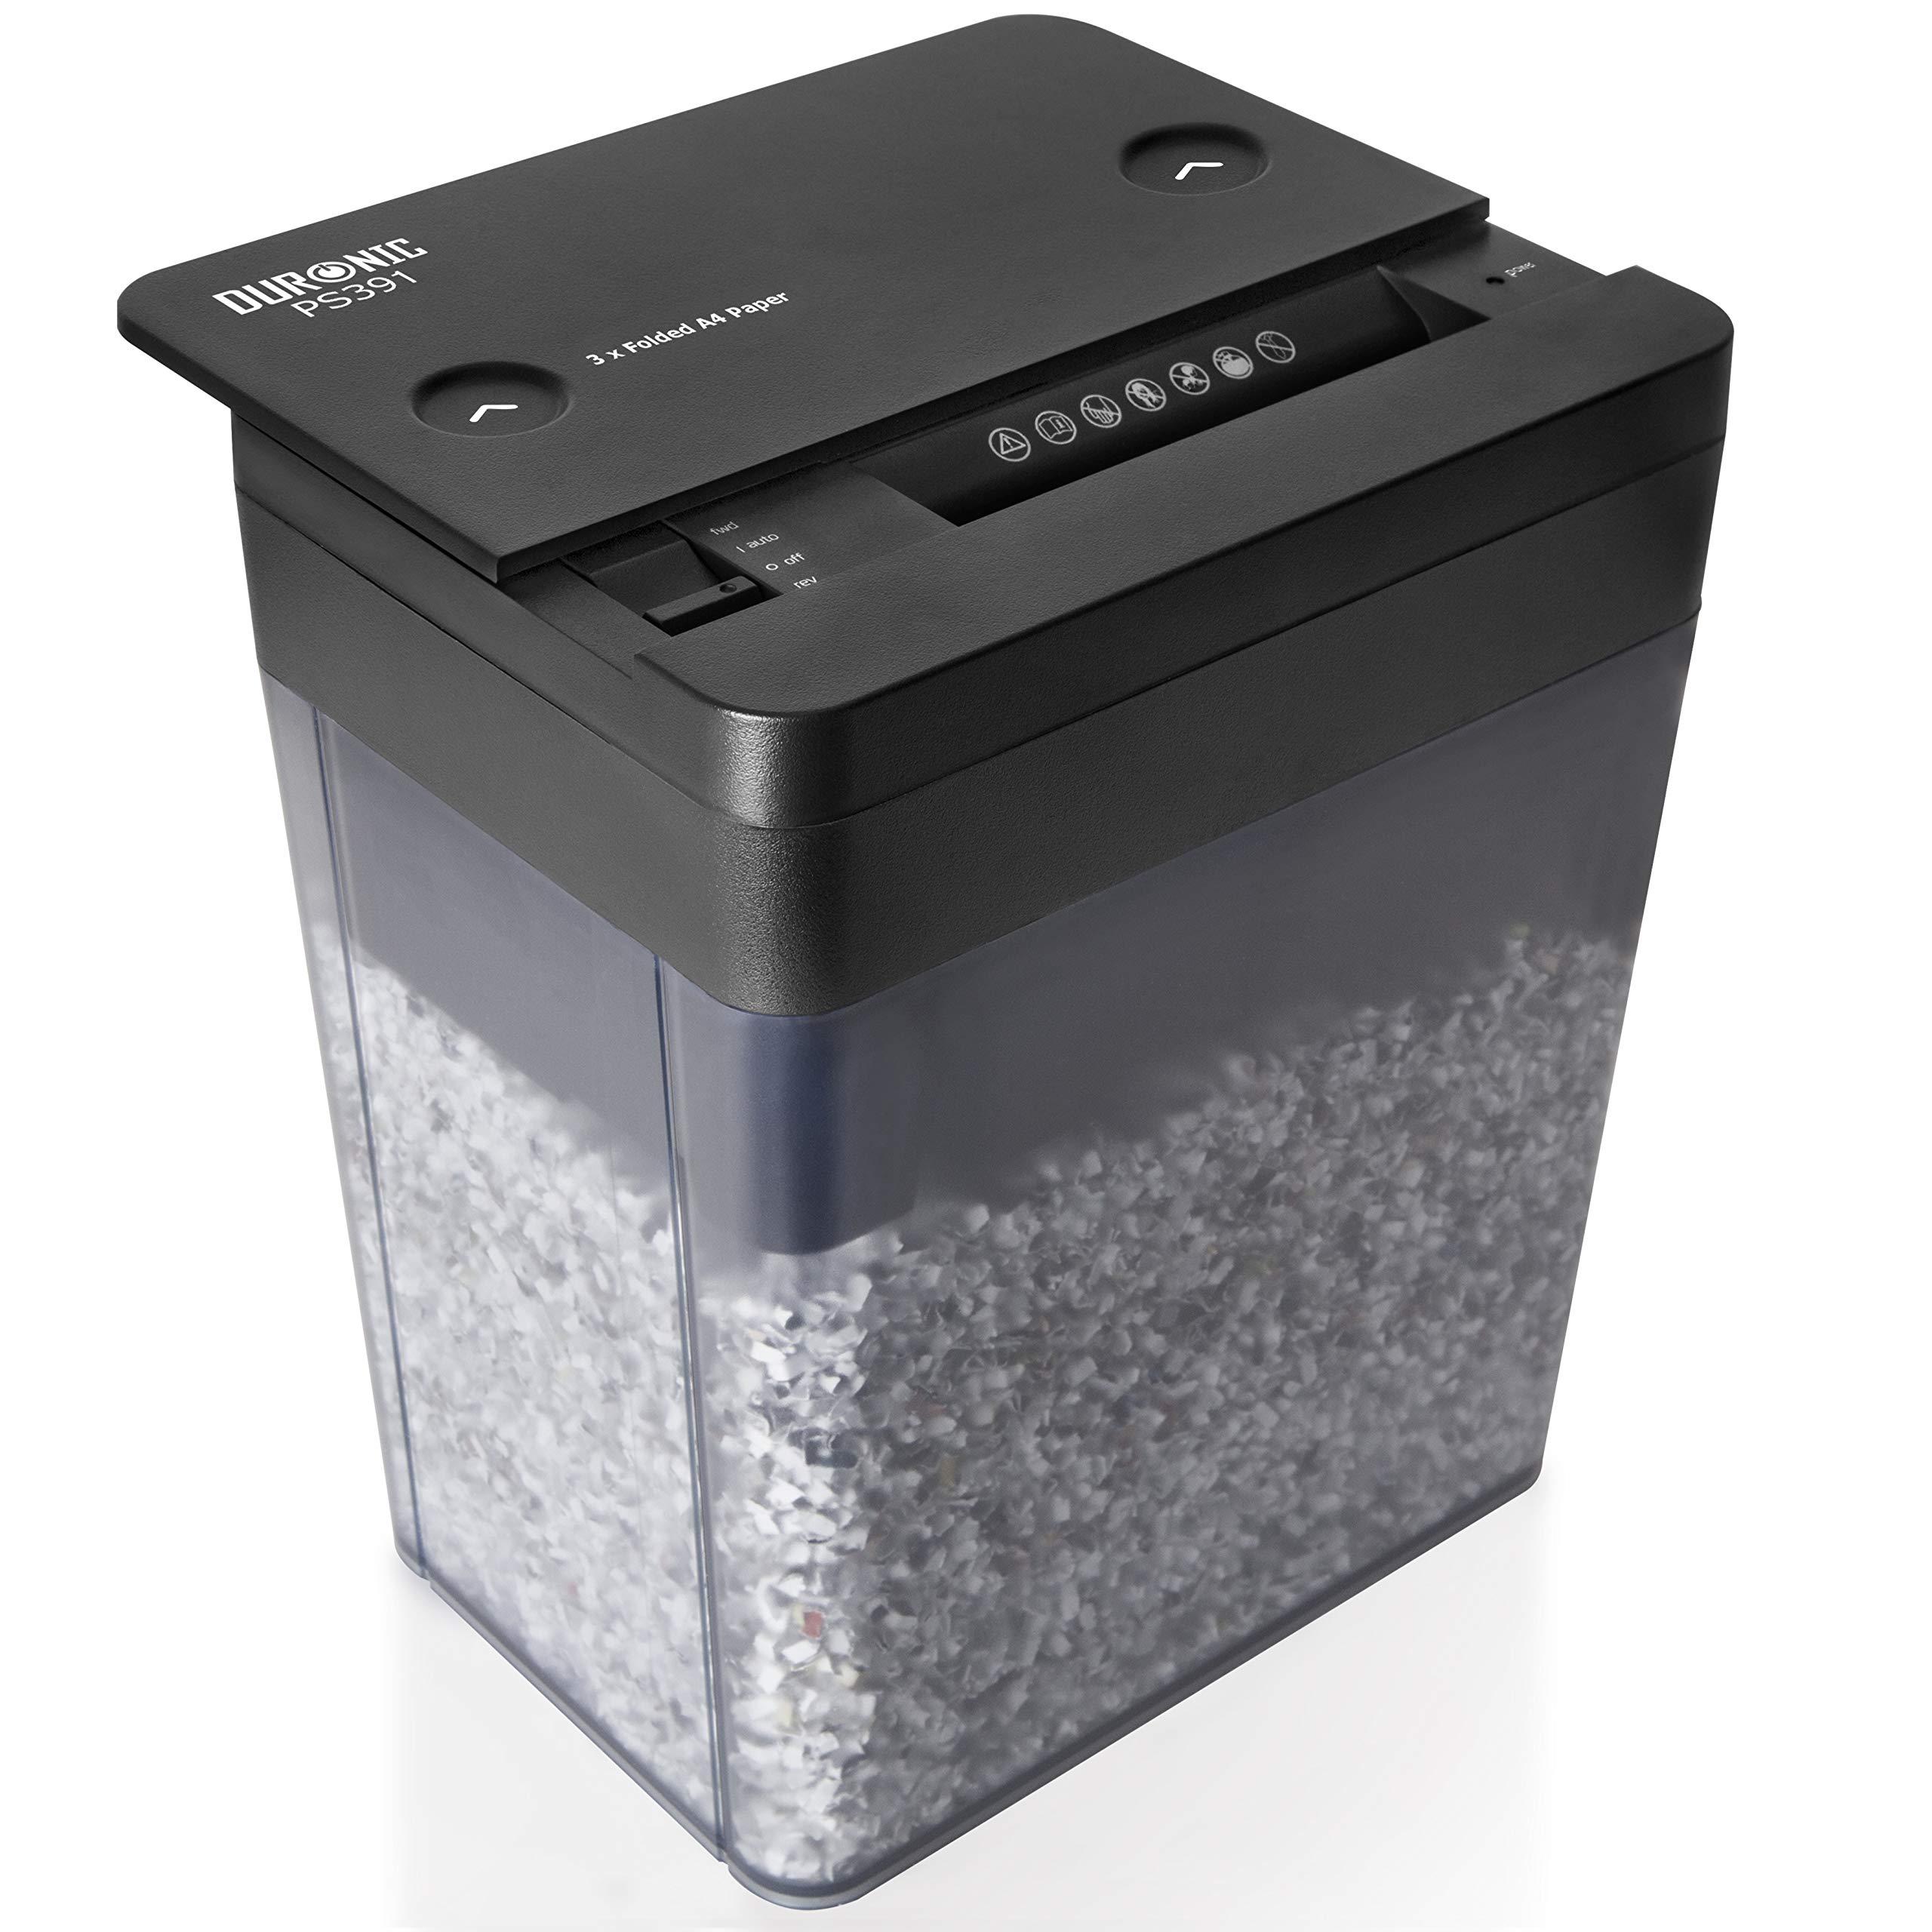 Duronic PS391 Destructeur de Document Compact pour 3 Pages A4 pliées en Deux – Coupe Micro pour Un Maximum de sécurité à Usage Professionnel ou Domestique – Permet conformité avec RGPD